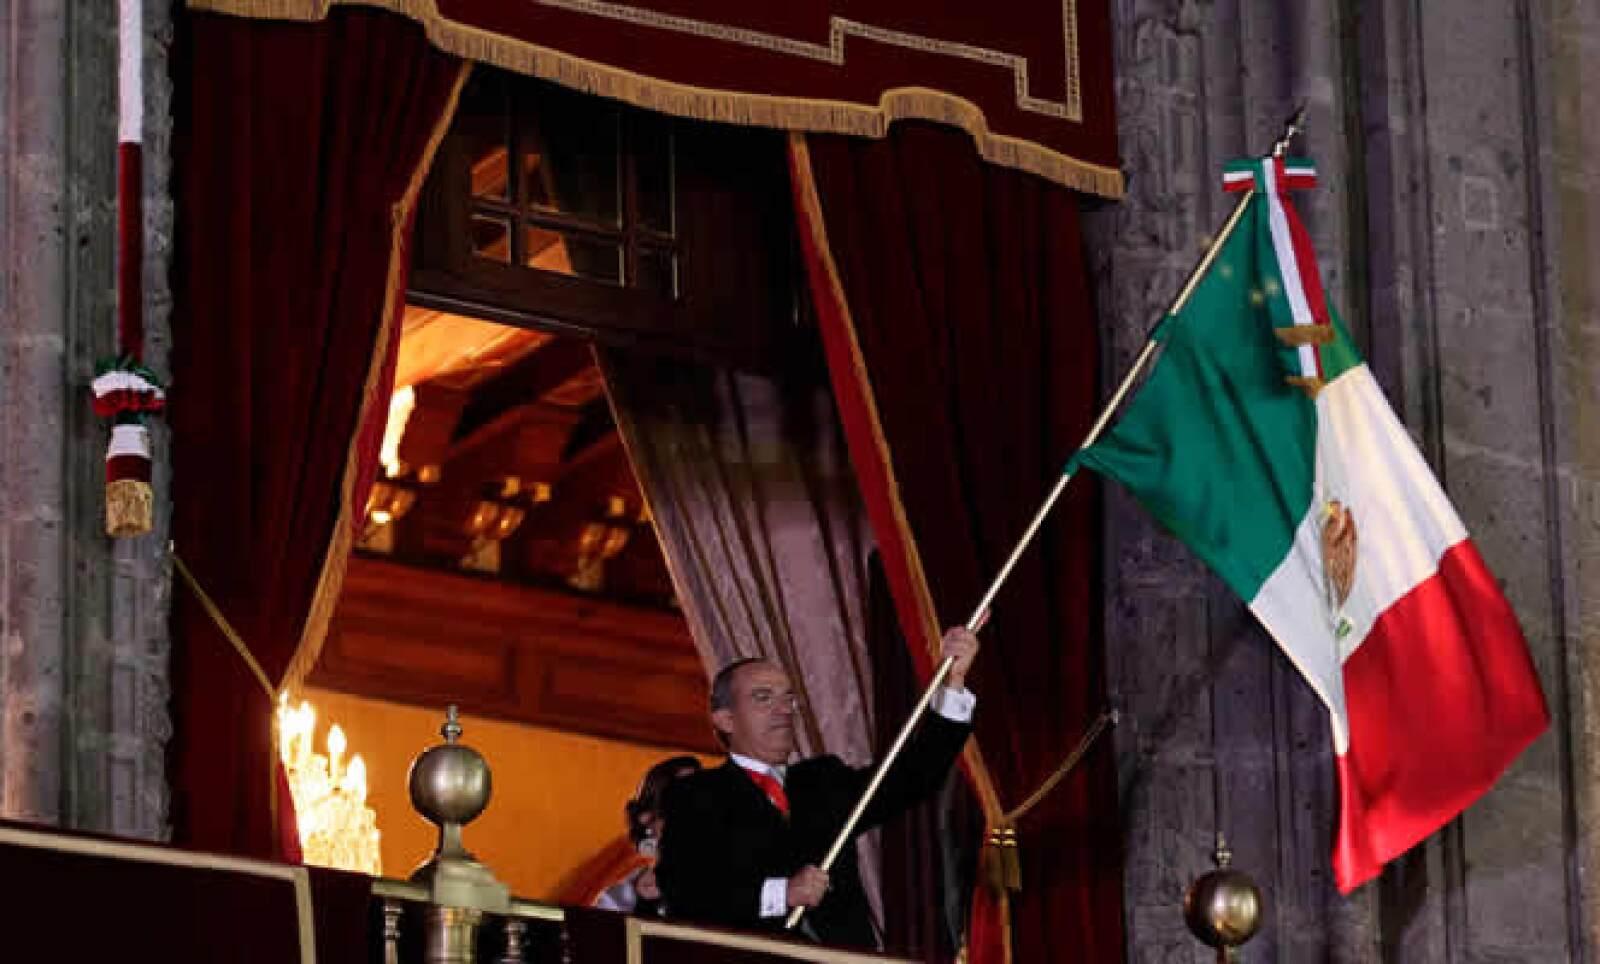 El presidente Felipe Calderón emuló el famoso grito de Dolores, con el cual hace 200 años empezó el proceso de Independencia.